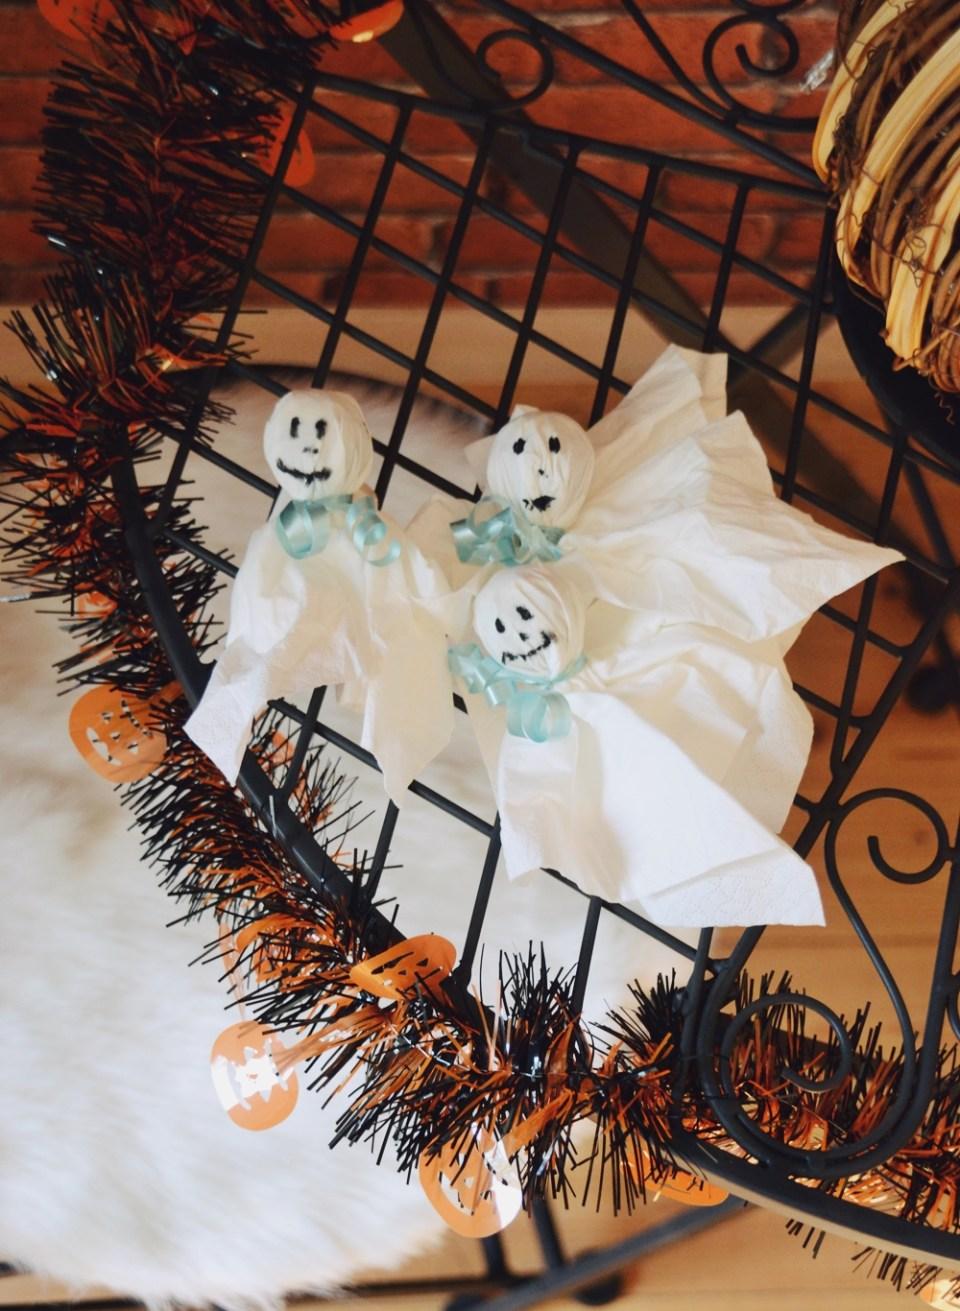 diy halloween ideen zum selber machen mit sachen die man zu hause hat, halloween party deko selber machen diy lolli geister (1)